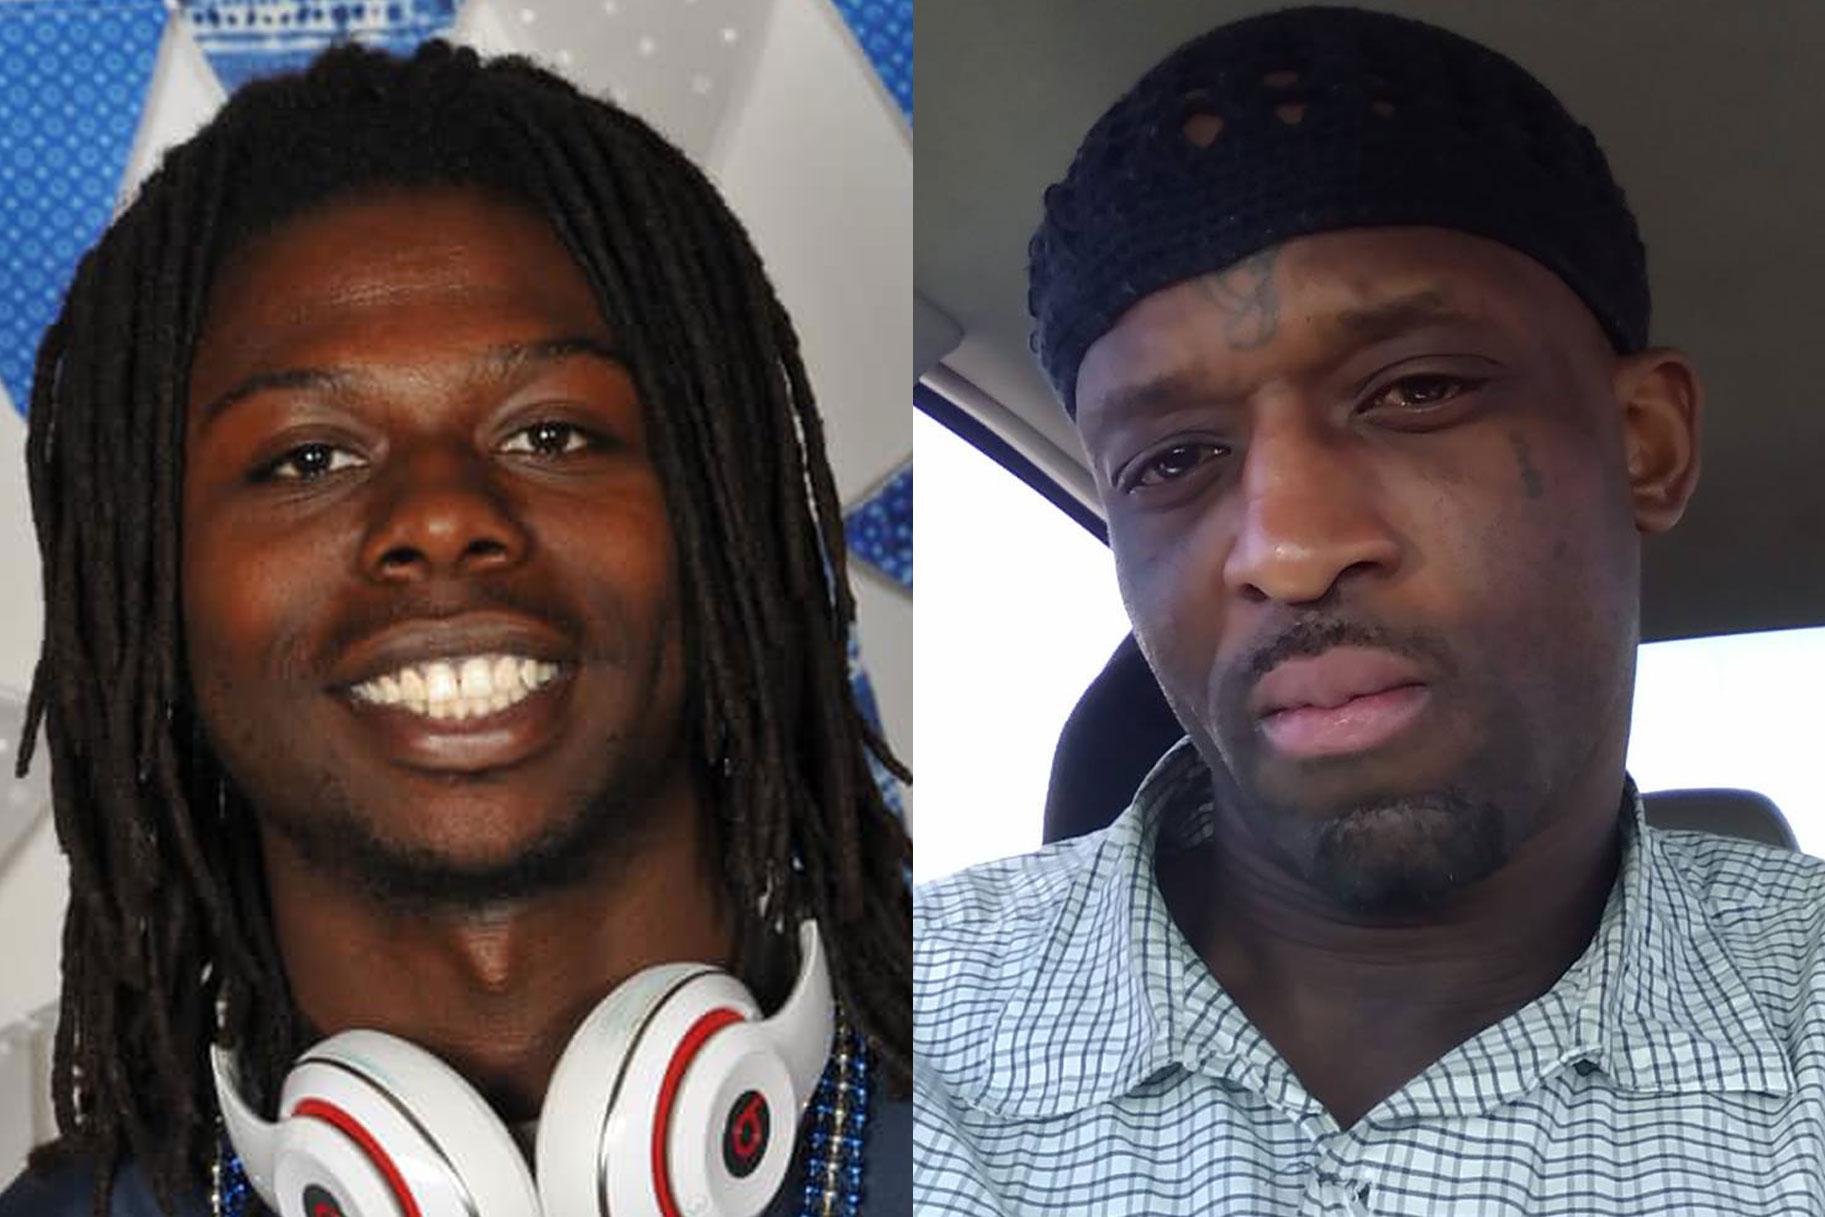 USA : Deux Noirs retrouvés pendus à des arbres à quelques jours d'intervalle